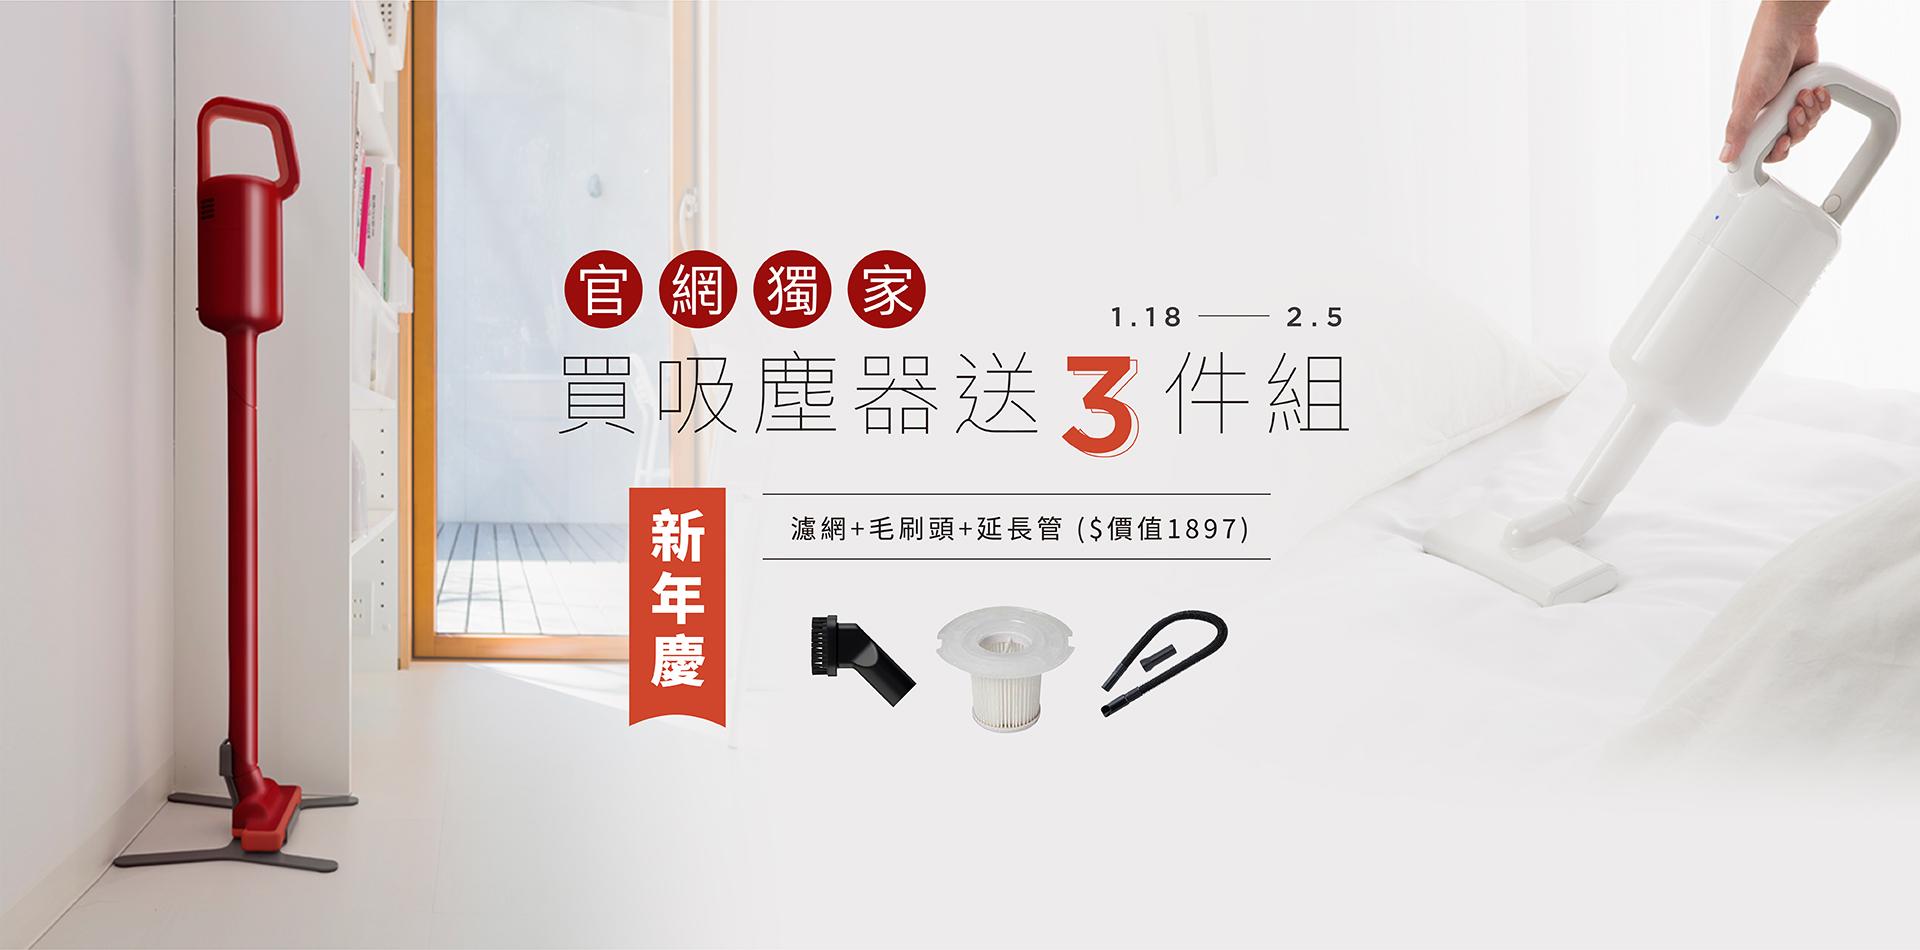 官網獨家|1/18-2/5 買XJC-B021 吸塵器送專用濾網+刷頭+延長管